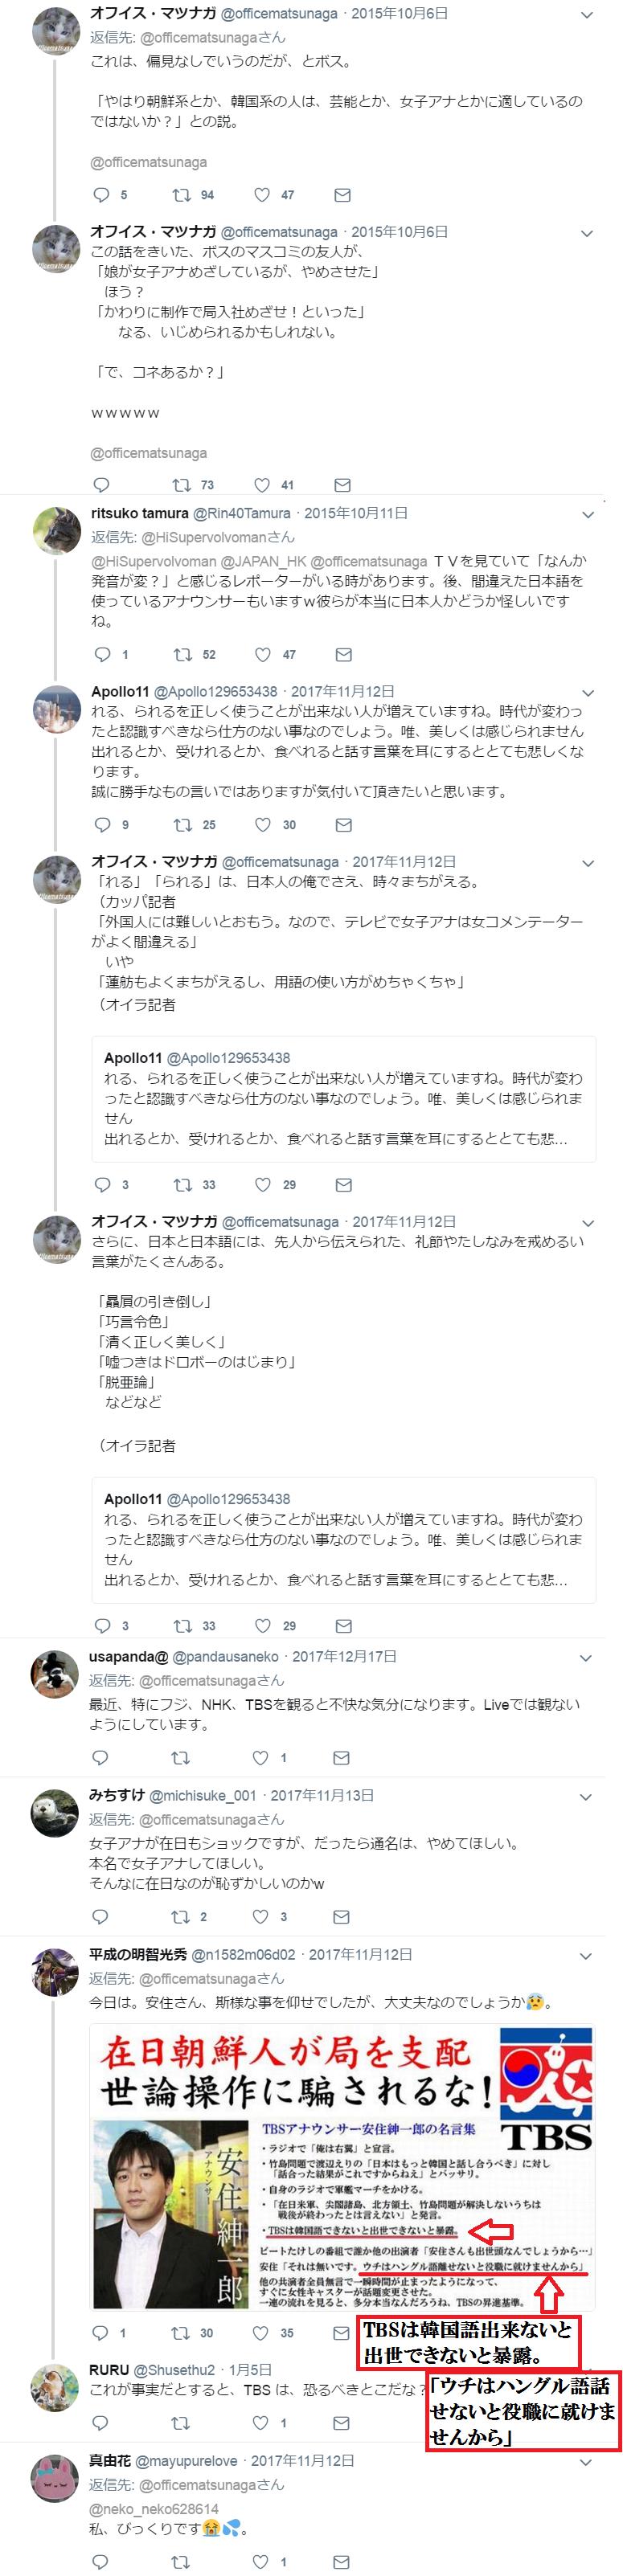 TBSやNHK(も?)では朝鮮語出来ないと出世できない